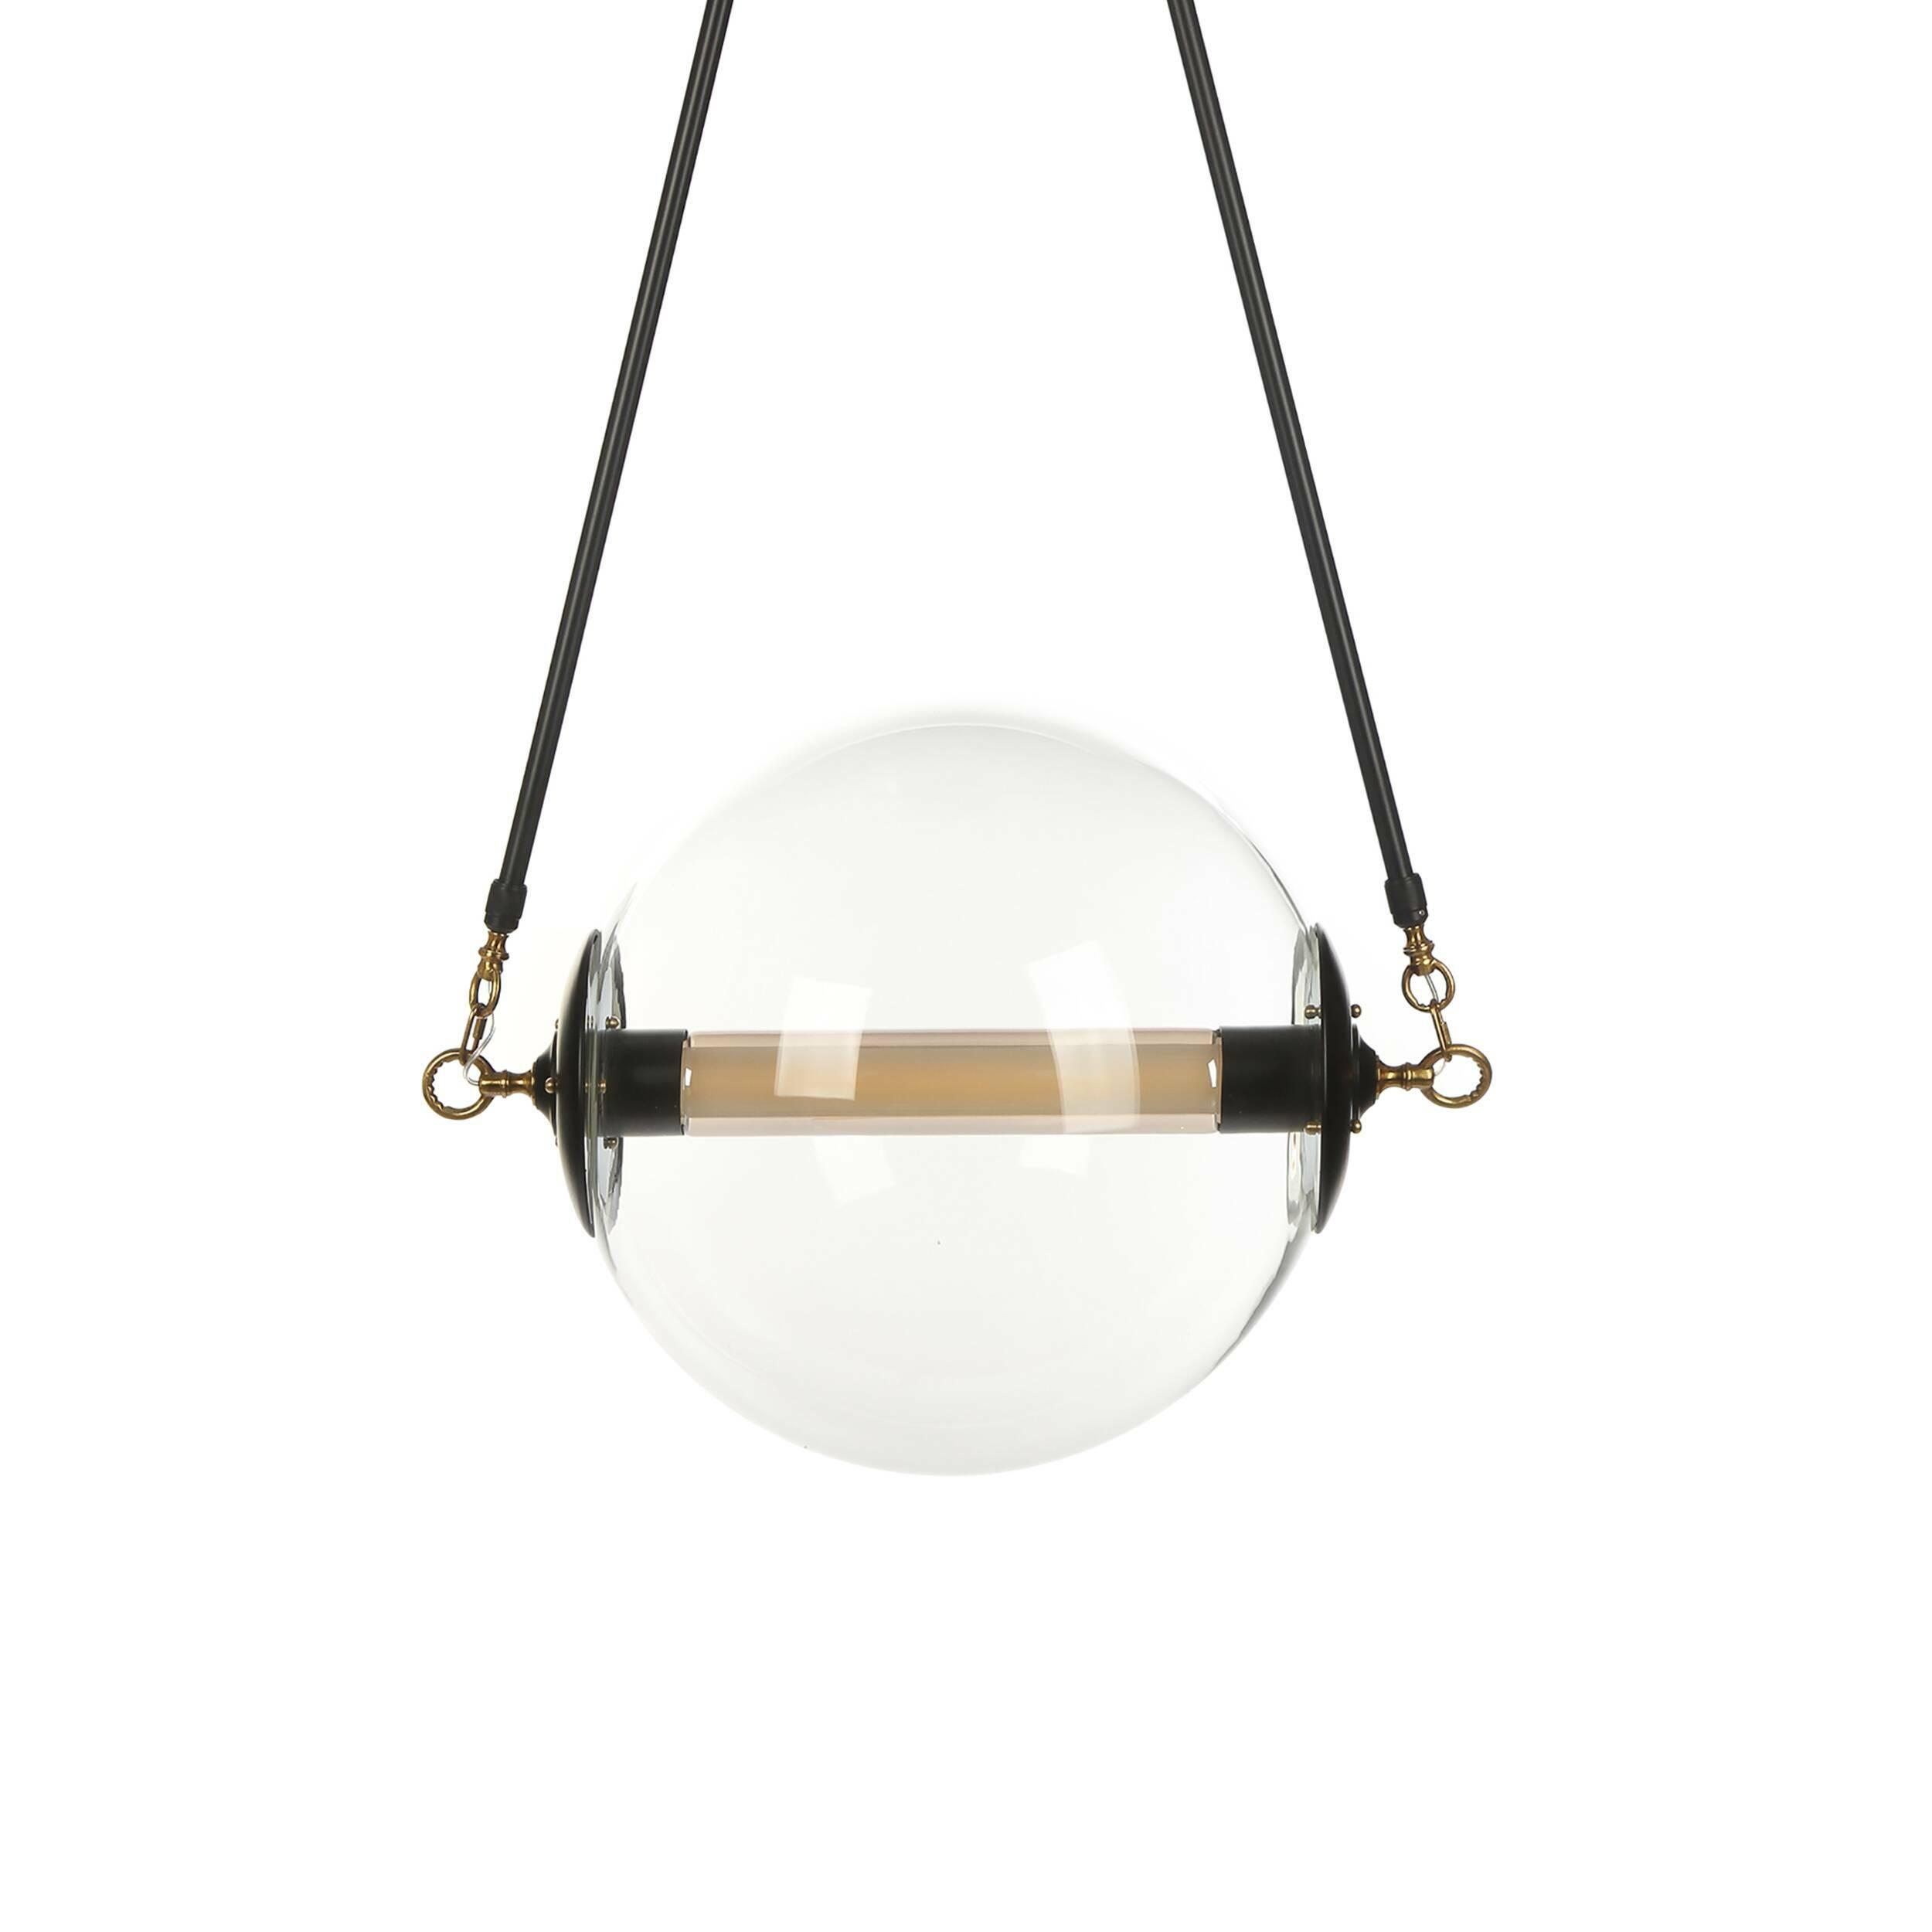 Подвесной светильник LaredoПодвесные<br>Дизайнерский подвесной светильник Laredo (Ларедо) выполнен в стиле минимализм, что позволяет ему гармонично вписаться практически в любой интерьер. Шарообразный светильник выглядит словно маленькое солнце – прекрасный способ привнести разнообразие и живость в домашний интерьер.<br><br><br> Модель выполнена из прочного прозрачного стекла и дополнена стальными и алюминиевыми креплениями и деталями. Такая комбинация обладает высокой степенью надежности и износостойкости и будет оставаться в отлич...<br><br>stock: 4<br>Высота: 170<br>Ширина: 50<br>Диаметр: 50<br>Длина: 69,5<br>Материал абажура: Стекло<br>Материал арматуры: Сталь, Алюминий<br>Мощность лампы: 10<br>Тип лампы/цоколь: LED<br>Цвет абажура: Прозрачный<br>Цвет арматуры: Черный, Латунь